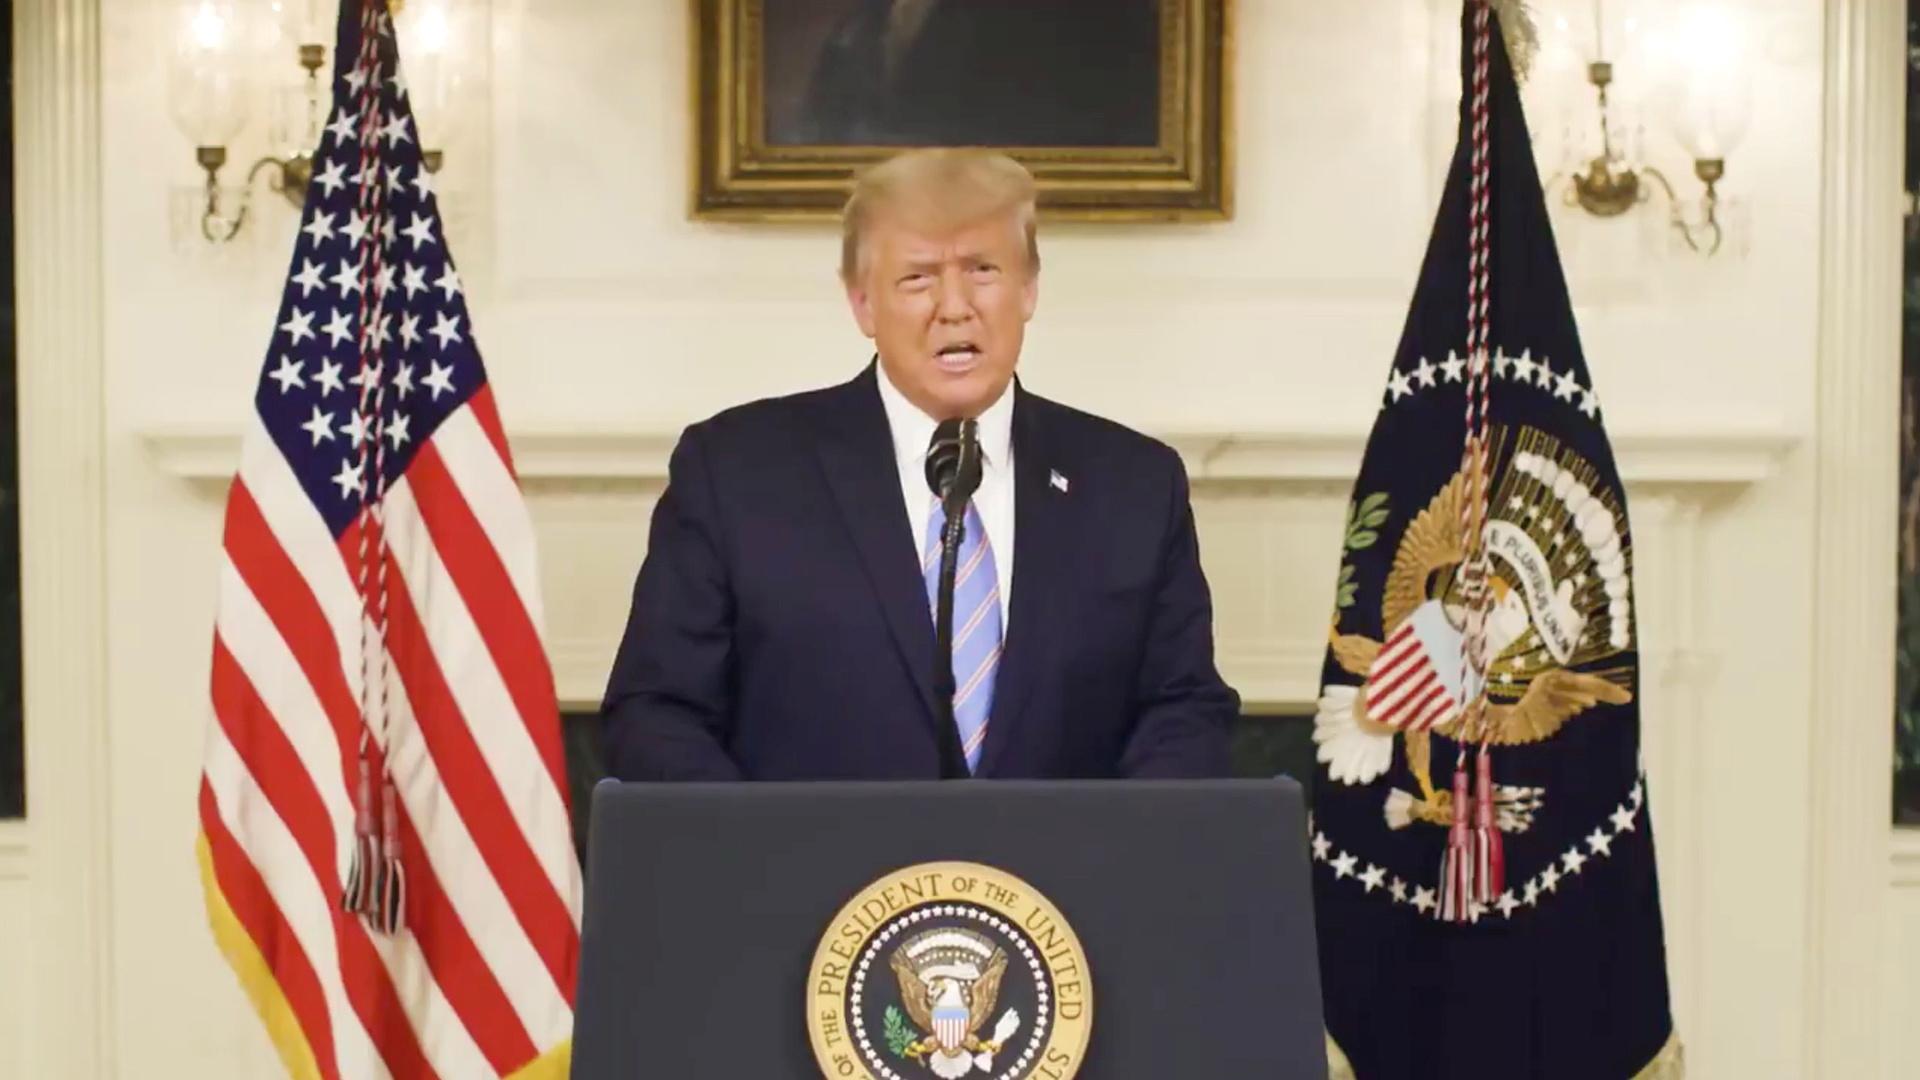 ترامب: أنا غاضب من الهجوم الشنيع على الكابيتول والمشاركون في أعمال العنف سيدفعون الثمن